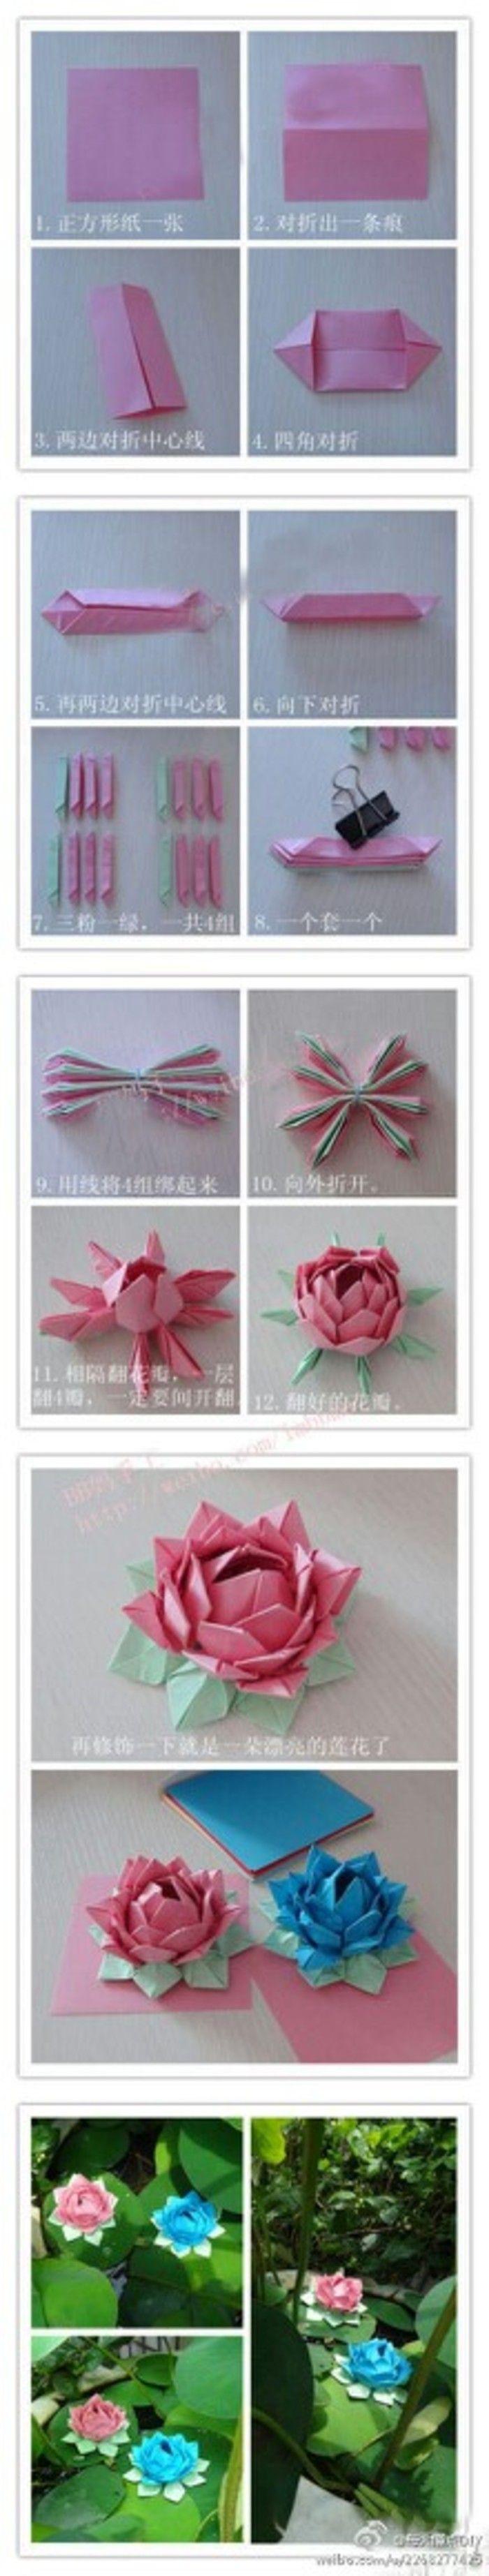 Die besten 25 Rosenhandwerk Ideen auf Pinterest